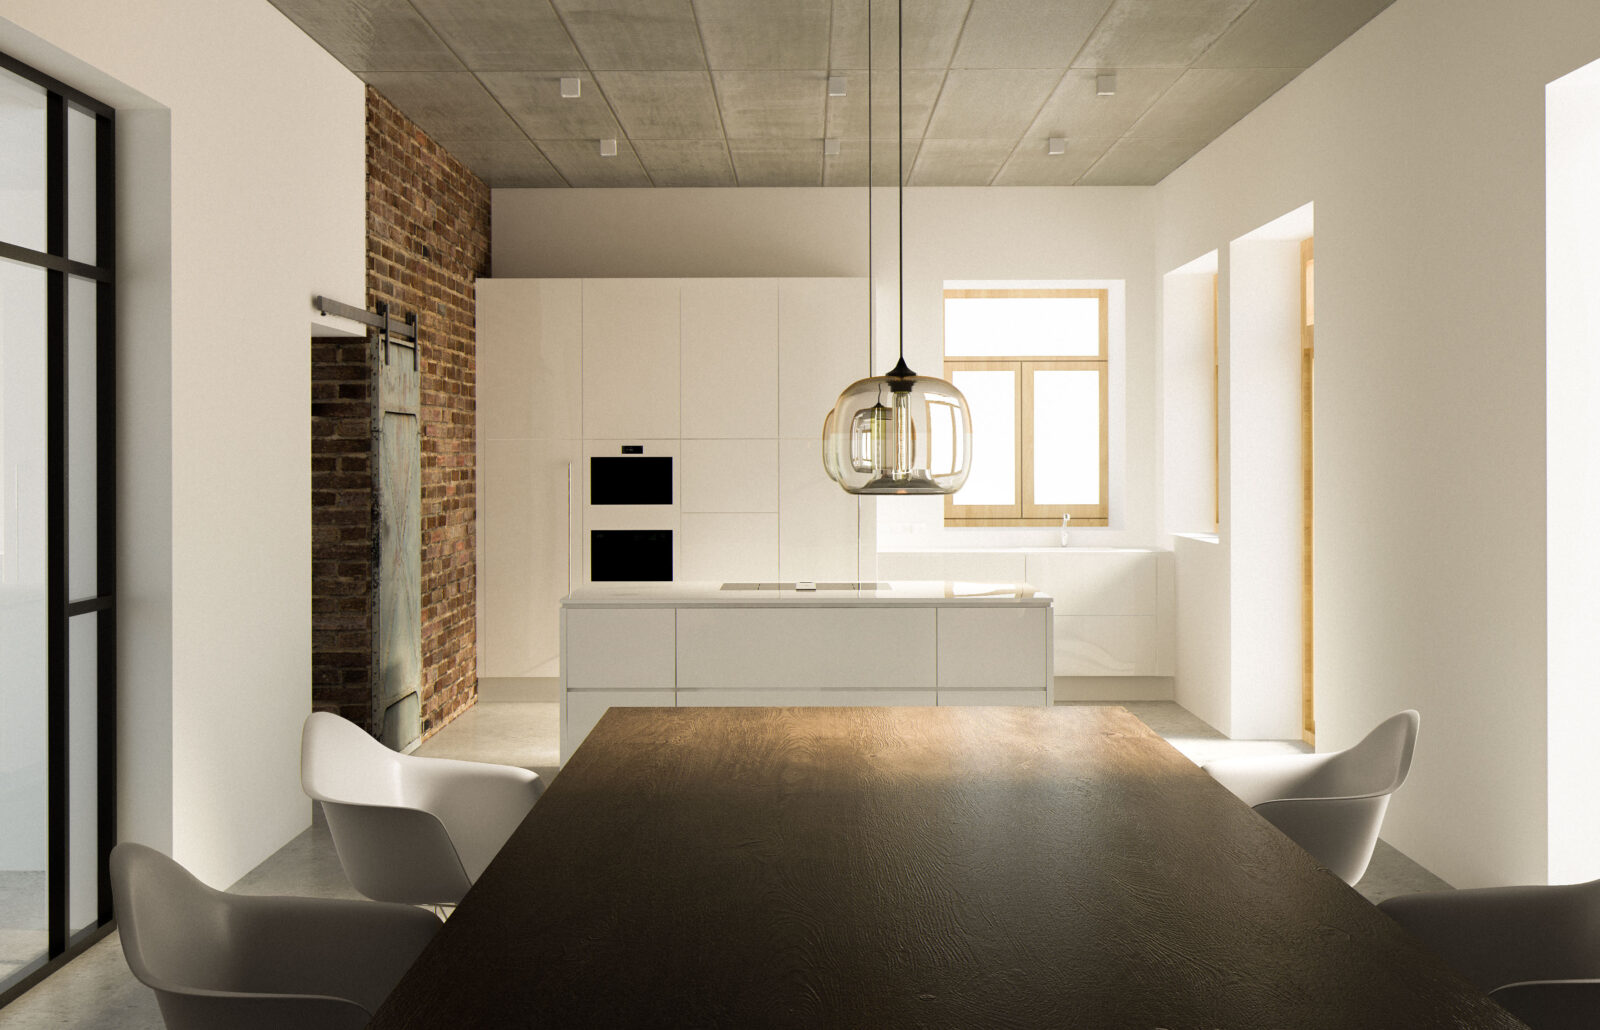 Küchentisch aus Holz mit Eames Vitra Stühlen und weißer Kücheninsel